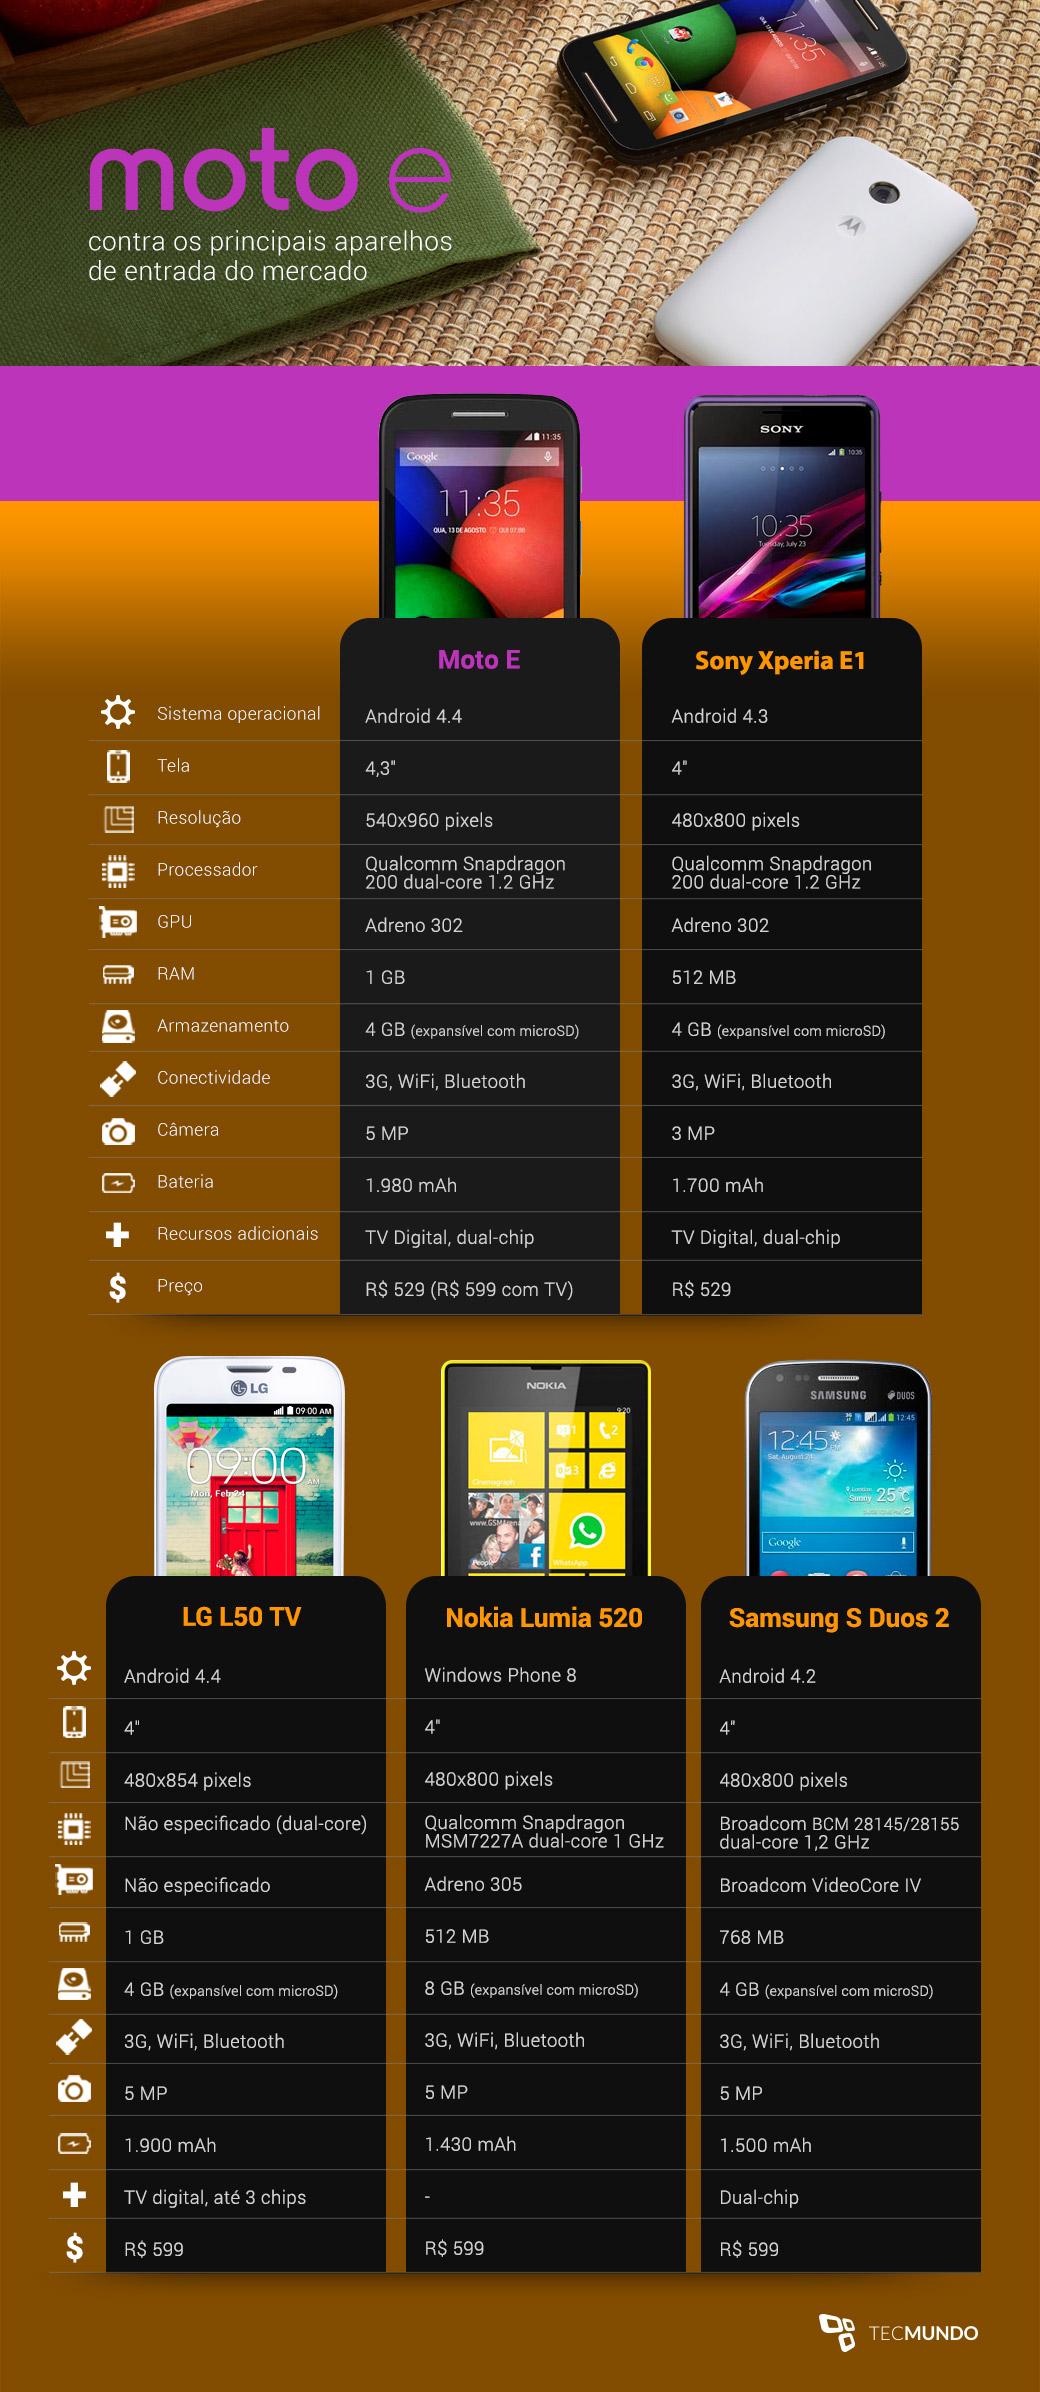 Moto E contra a rapa: qual é a melhor opção de smartphone de entrada?